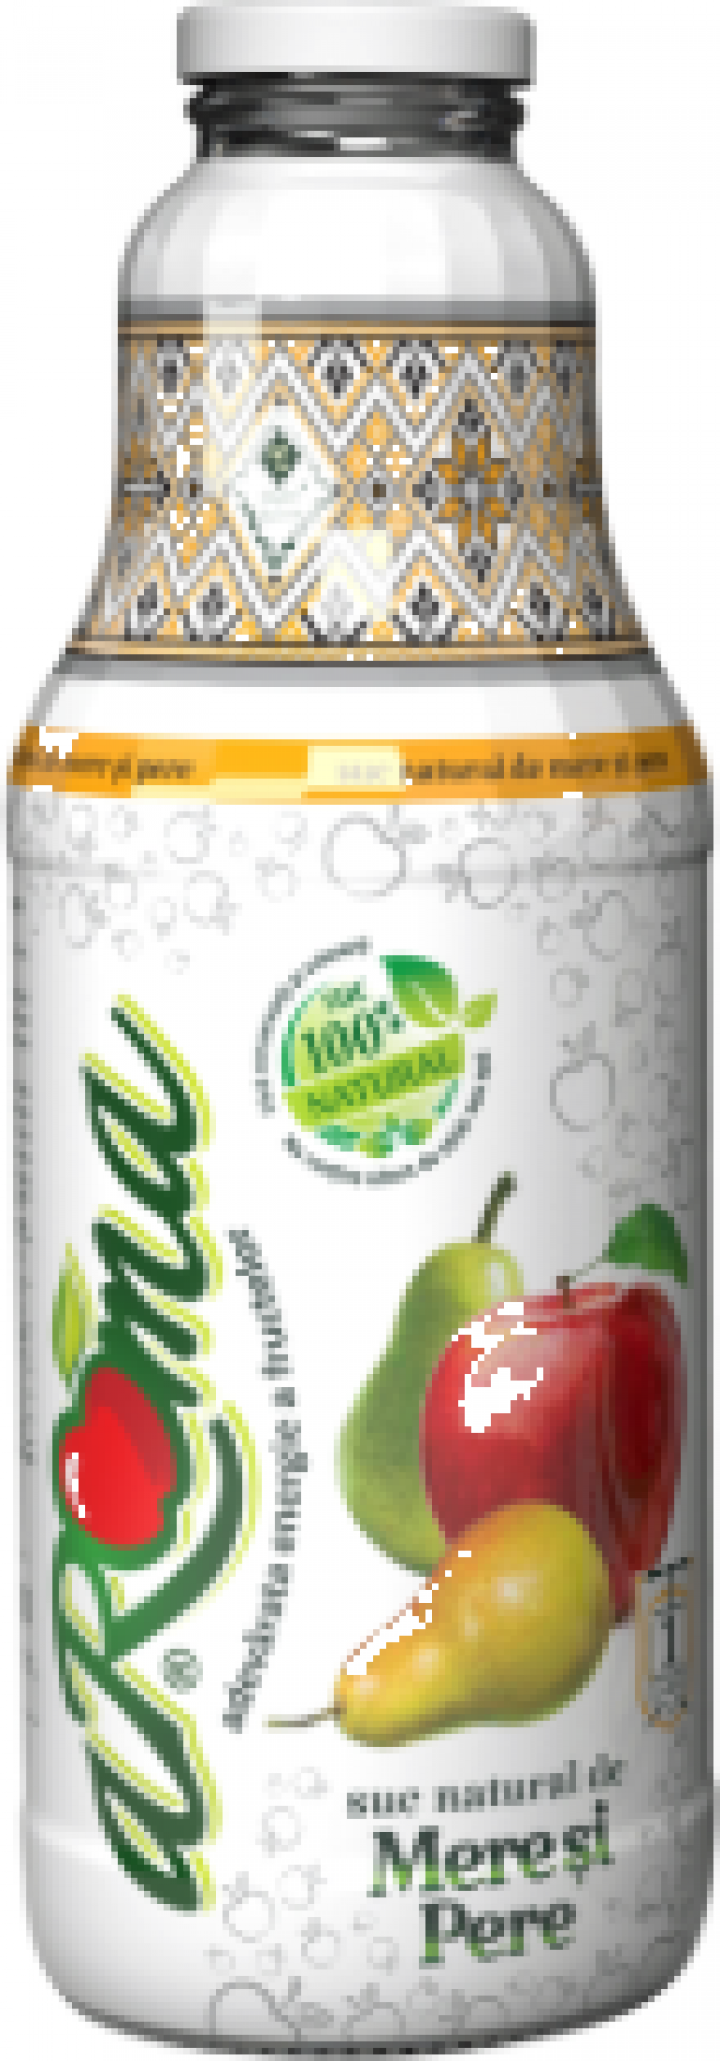 Suc natural de mere si pere - Aroma 1 L